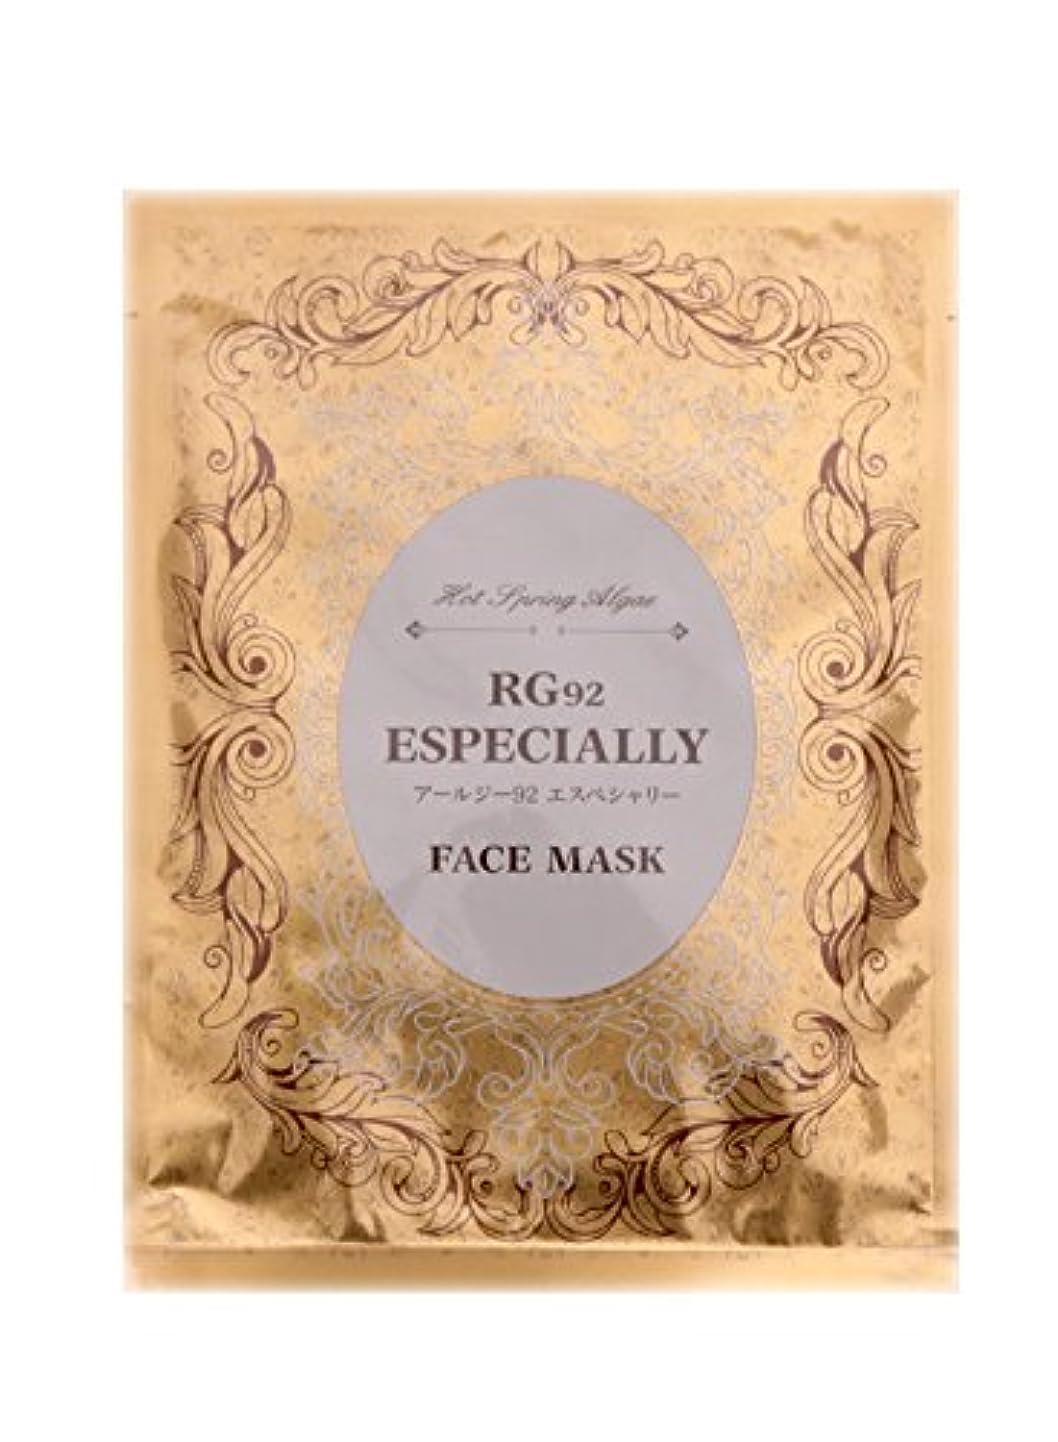 チョコレートカテゴリー称賛【超敏感肌用】 RG92美容液フェイスマスク 1枚